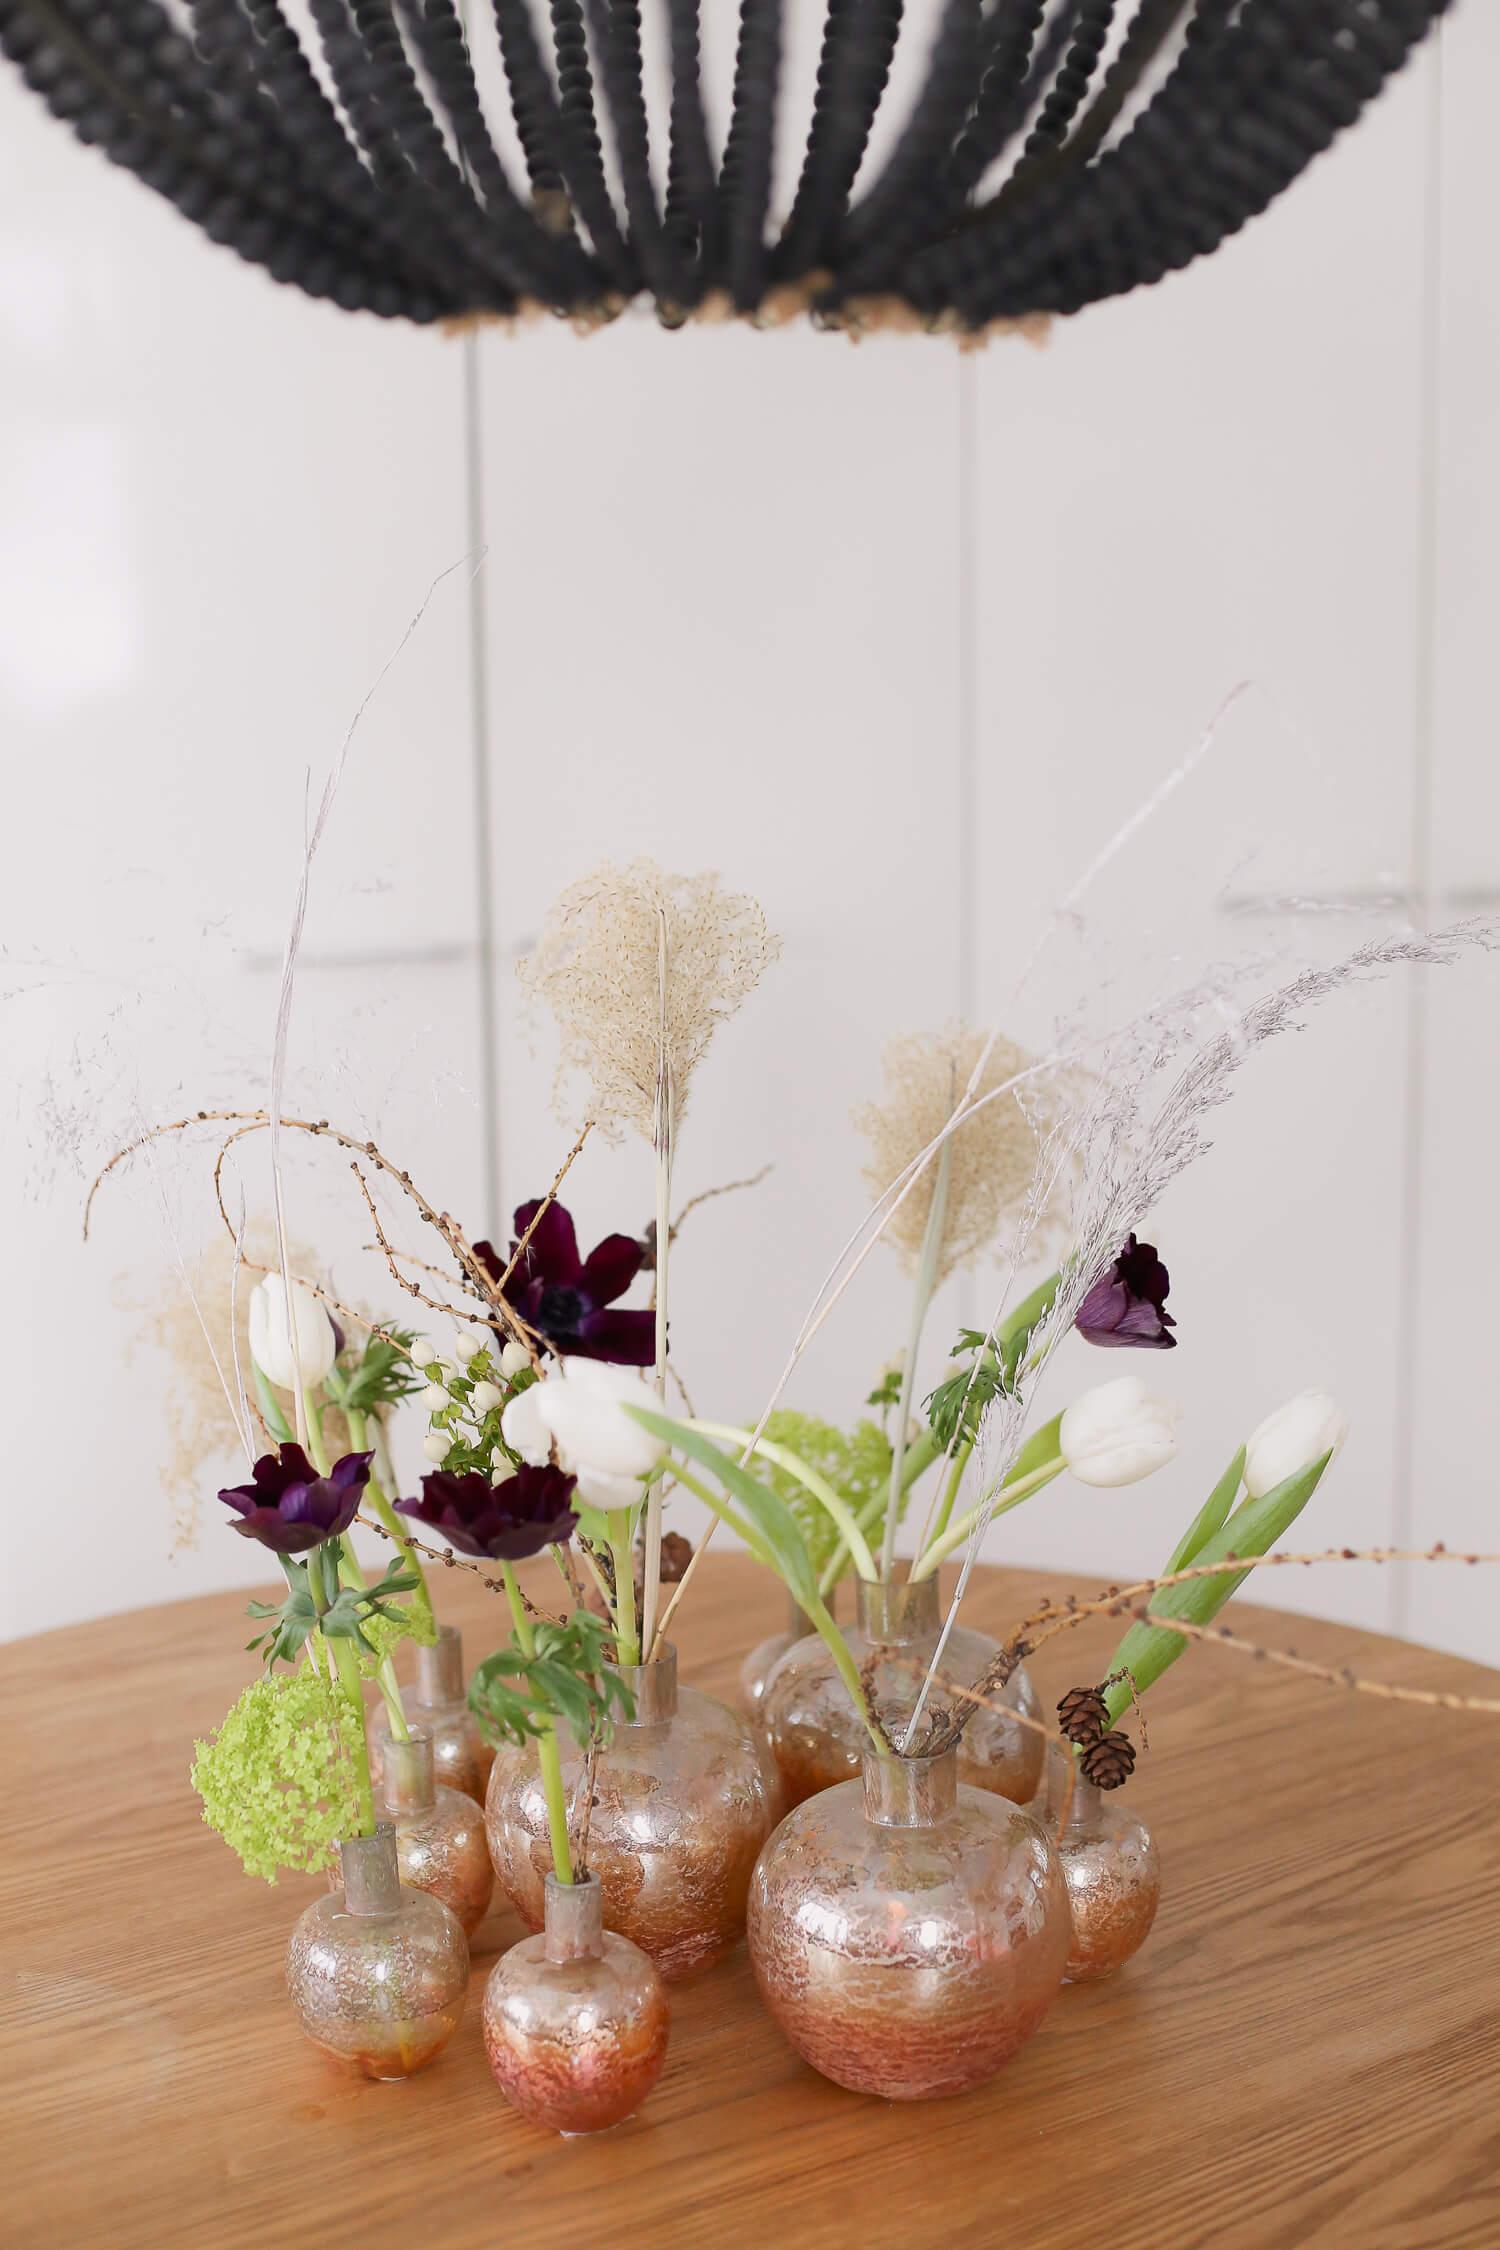 Pöydälle on koottu erilaisia maljakoita kukkakimpulle.